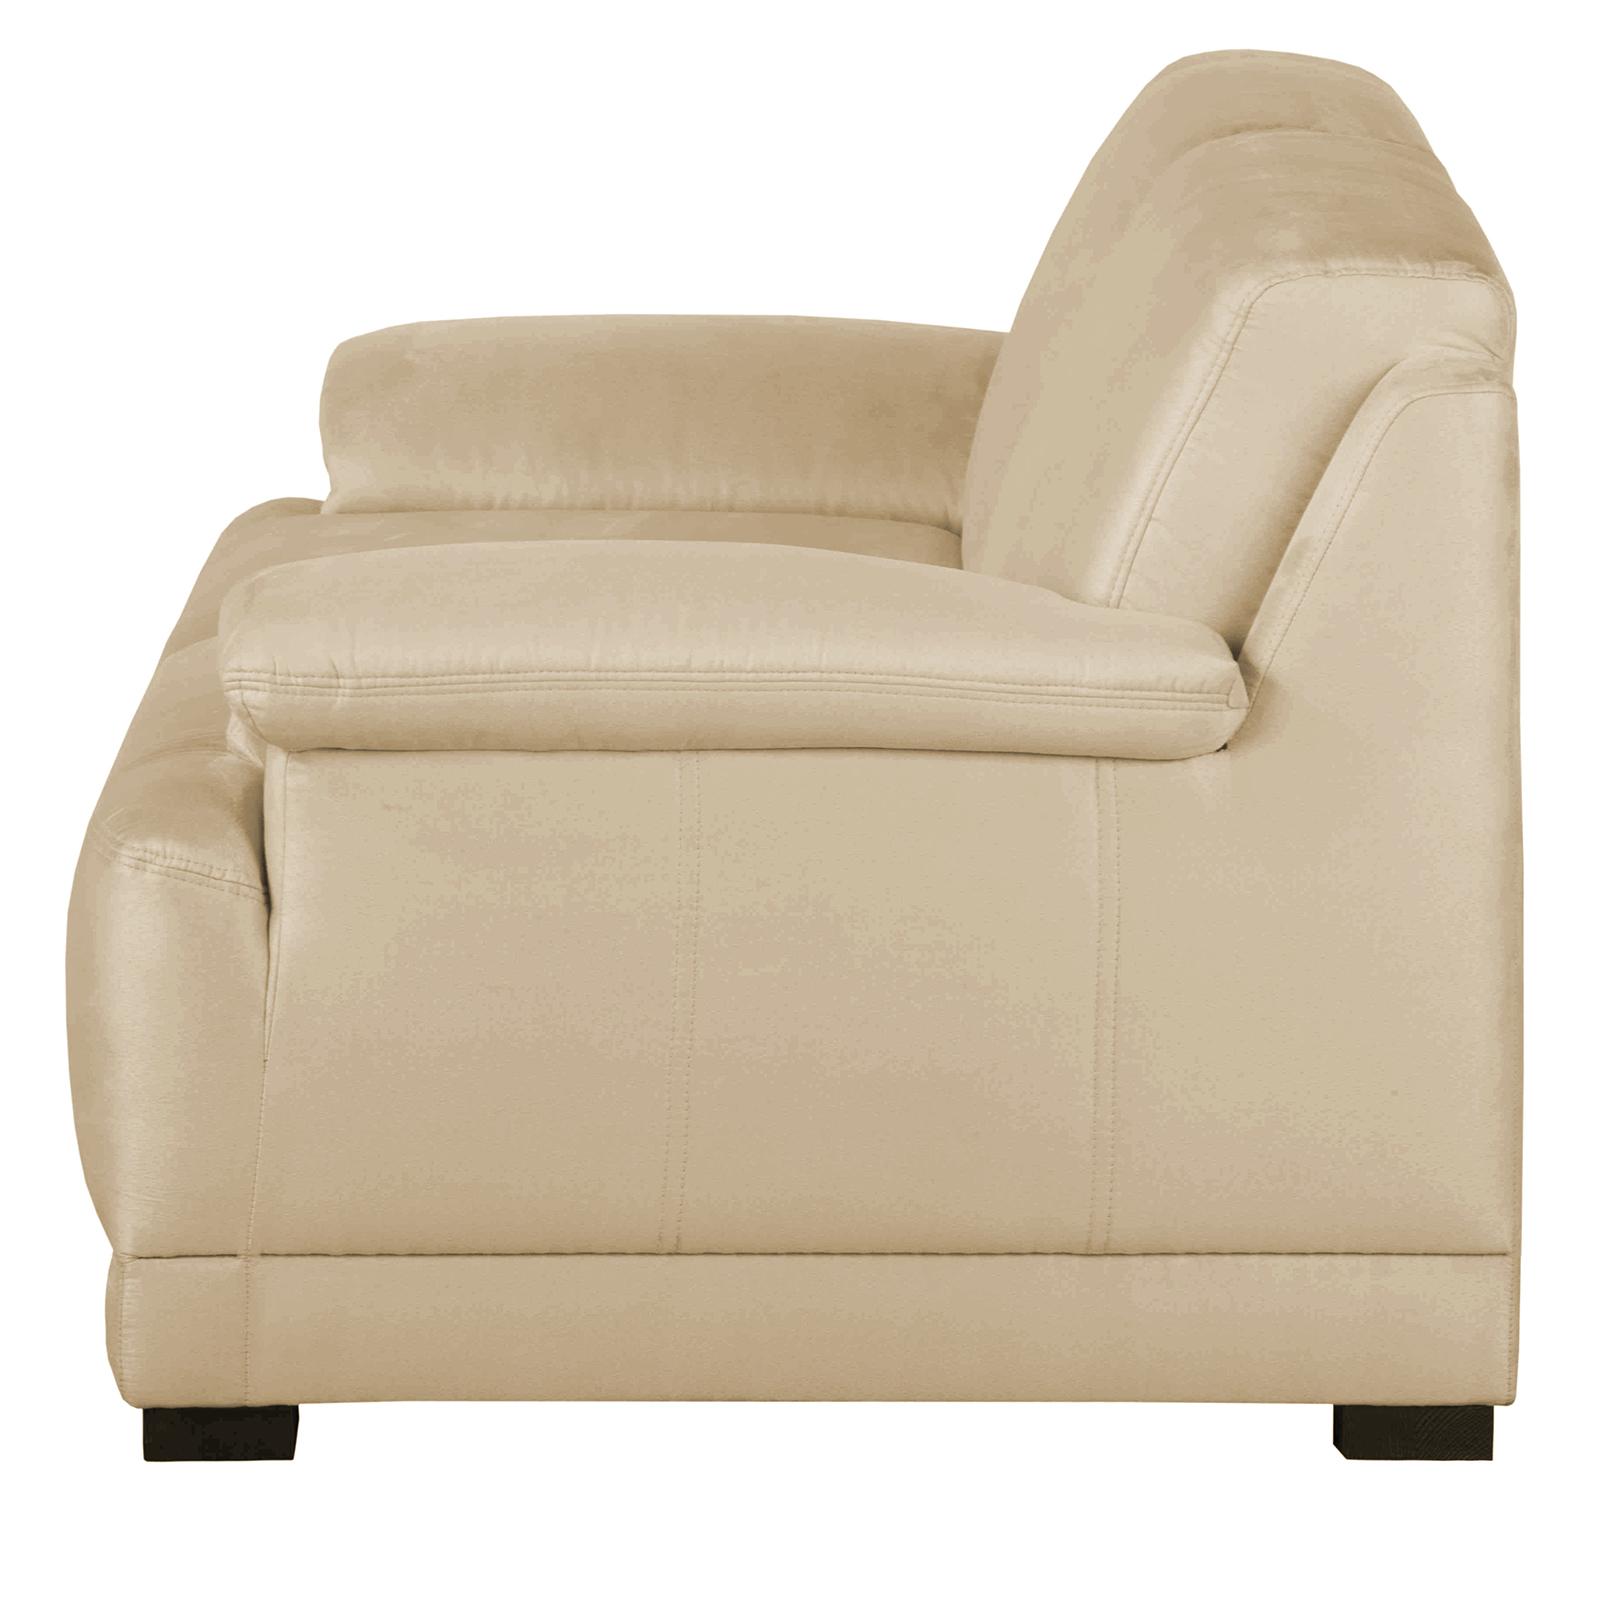 2-Sitzer Boxspringsofa - beige   Online bei ROLLER kaufen